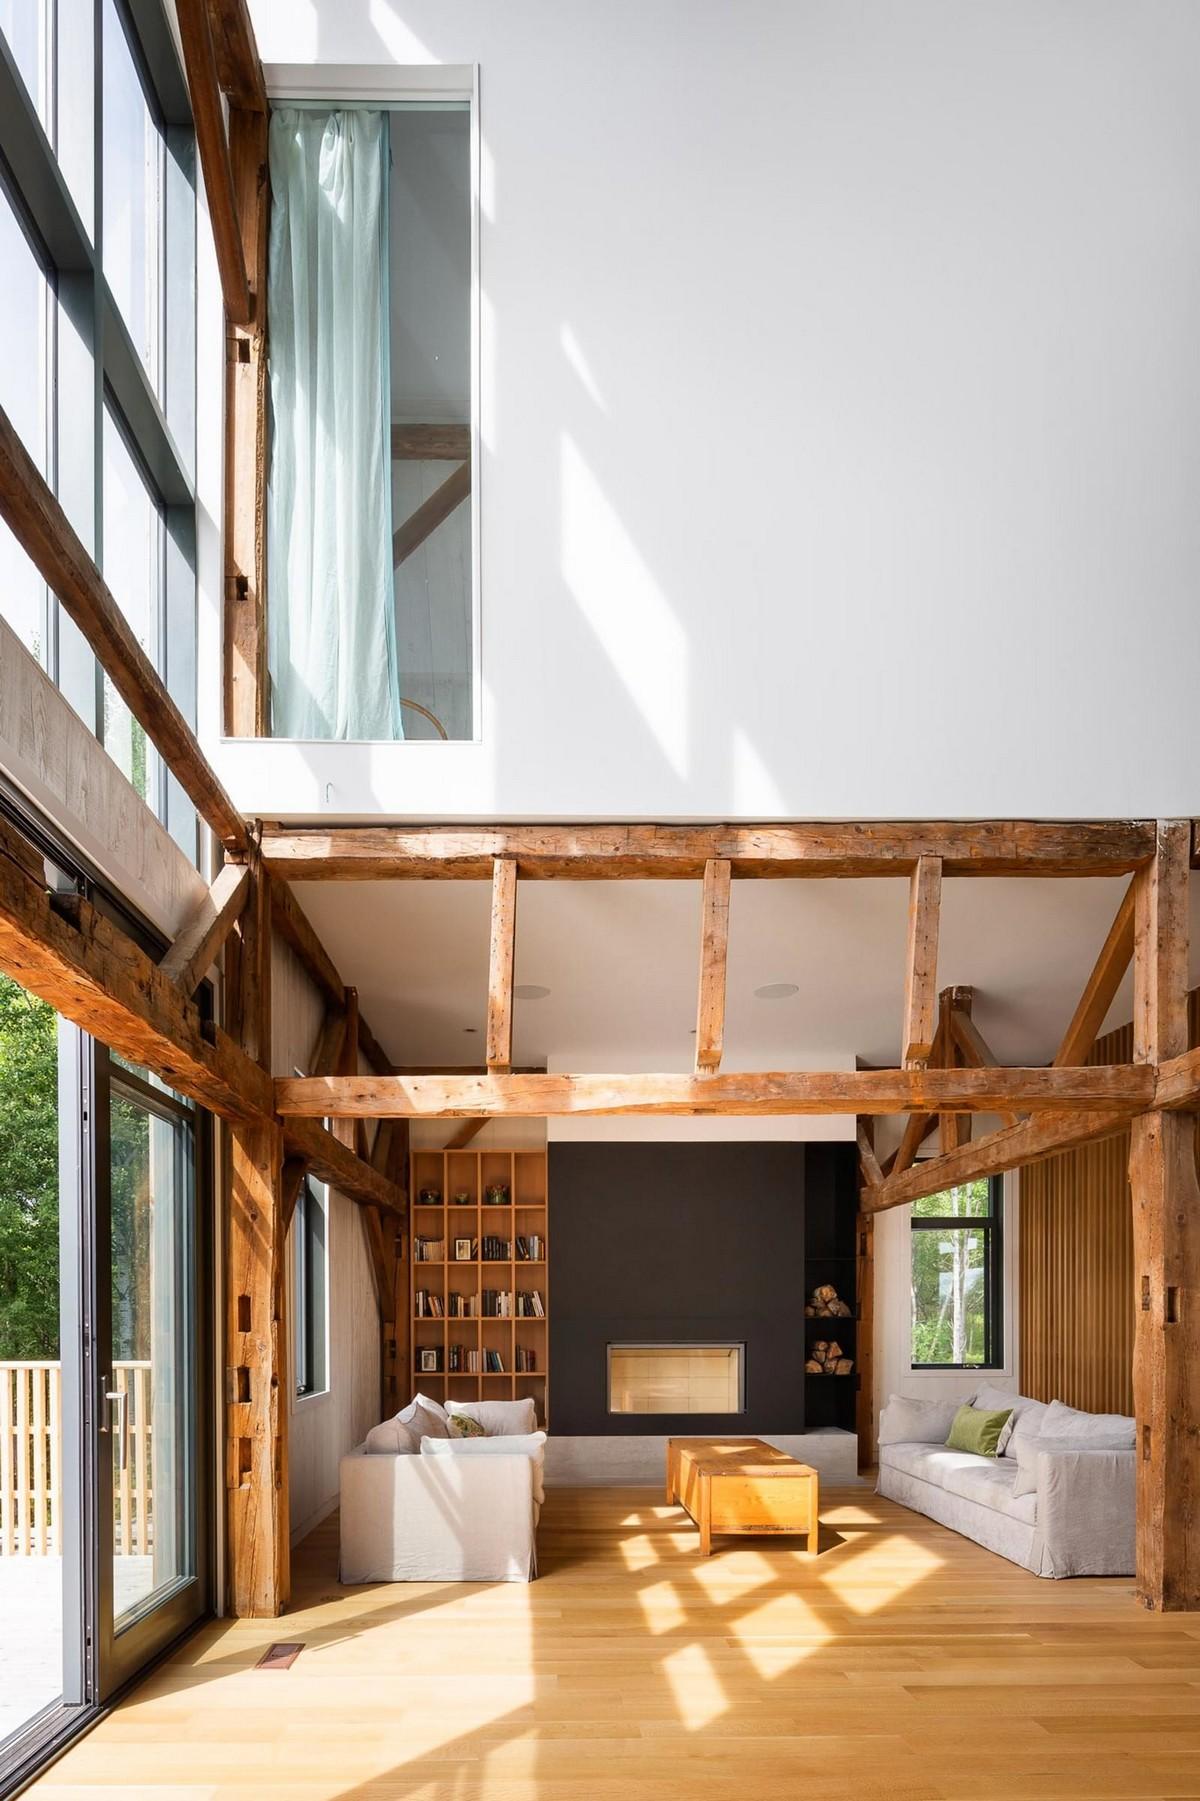 Современный дом для отдыха в стенах старого сарая